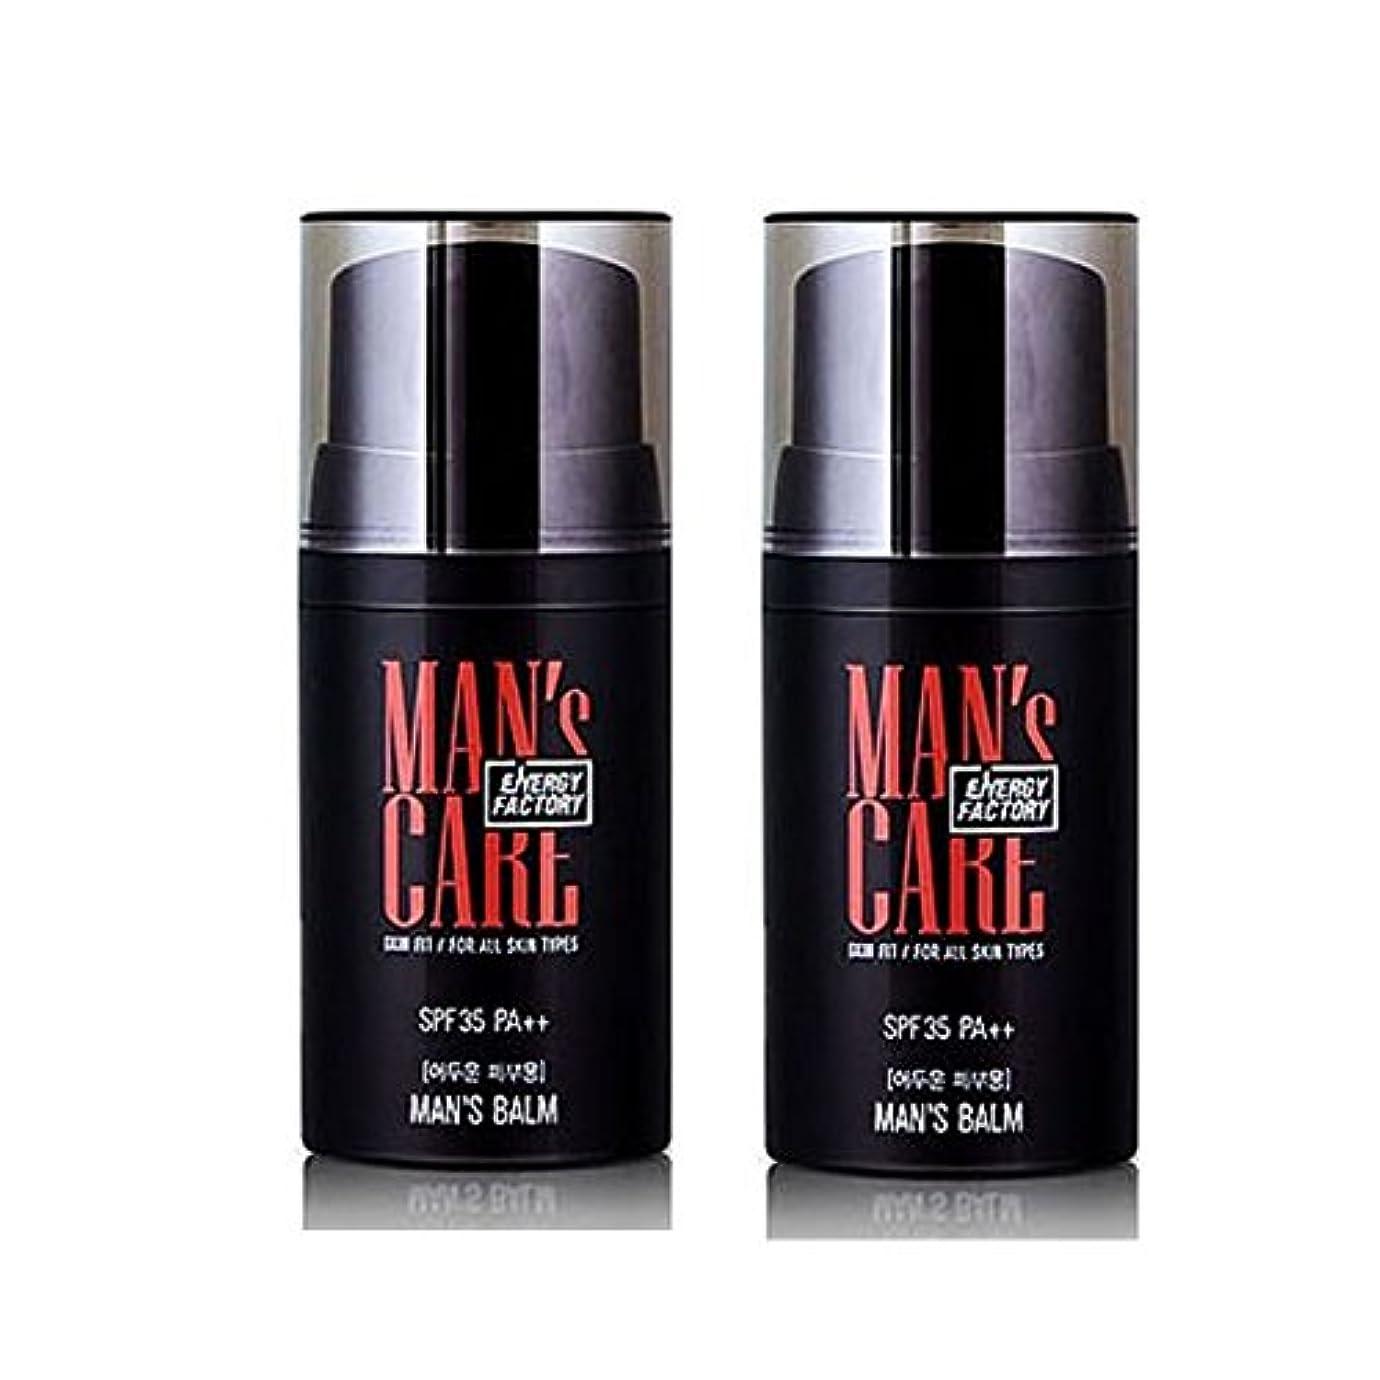 雄大な誠実さしがみつくメンズケアエネルギーファクトリースキンフィット?マンズ?Balm 50ml x 2本セット(明るい肌用、暗い肌用) メンズコスメ、Man's Care Energy Factory Skin Fit Man's Balm...